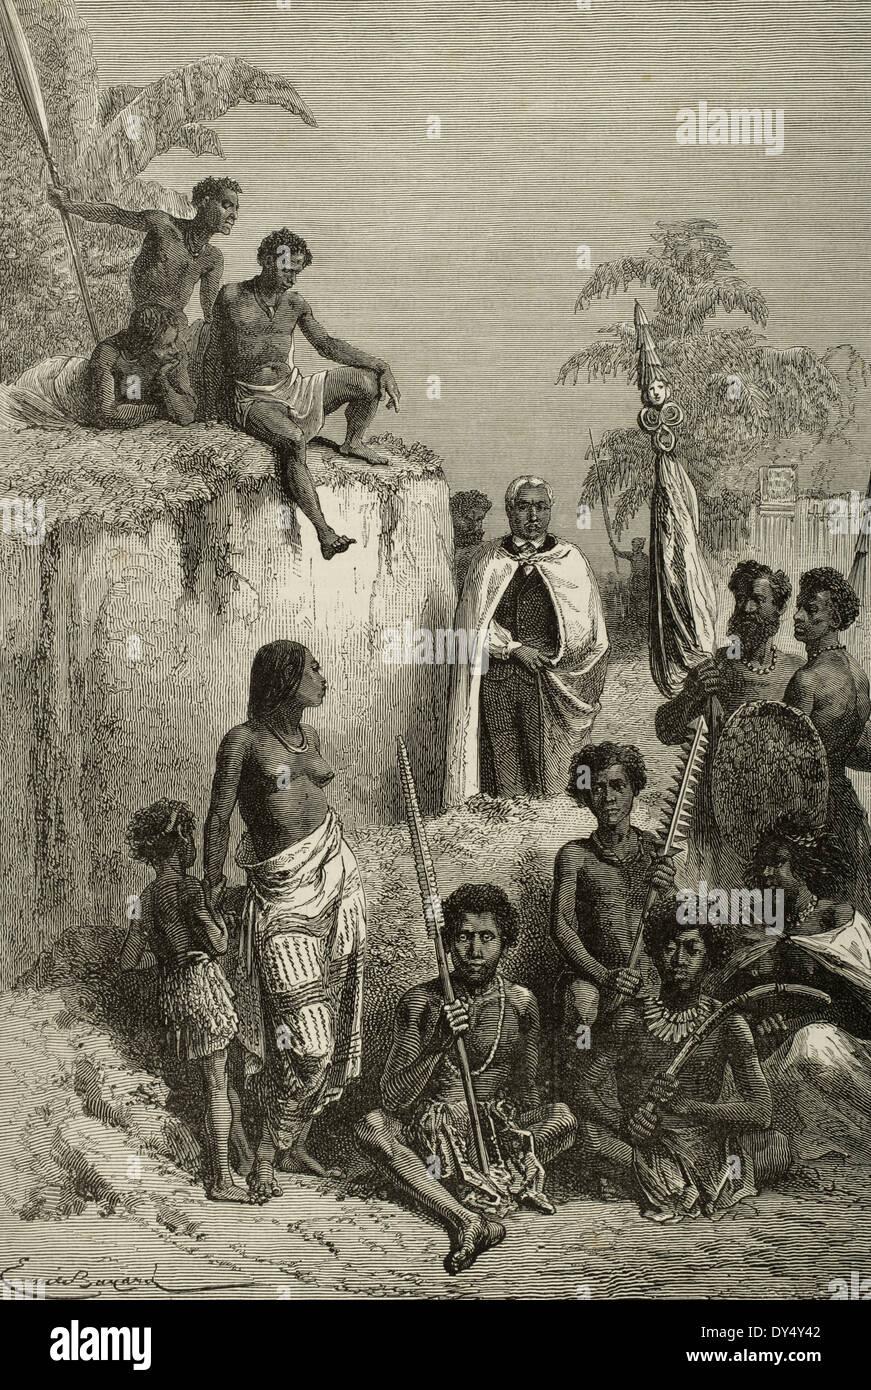 Kamehameha I (1758-1819). King of Hawaii Island. Hawaiians, 1819.  Kamehameha and his warriors.